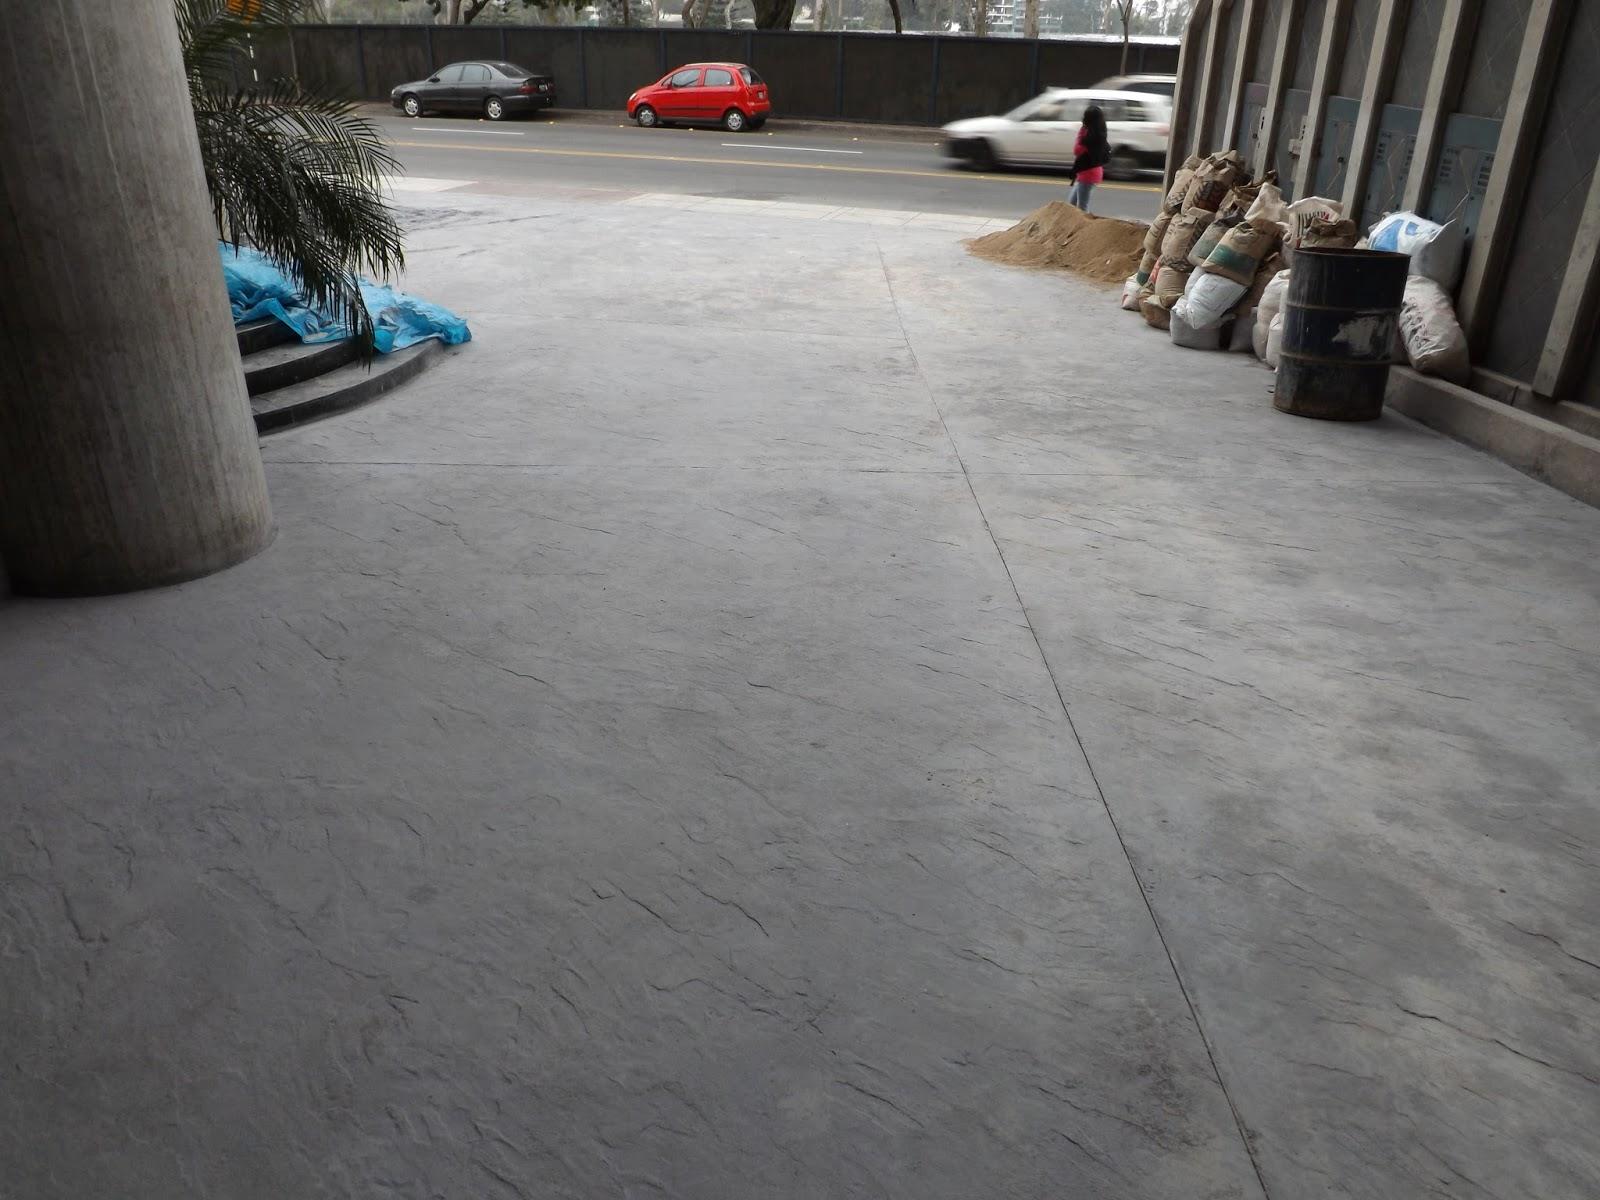 Cristian campos piso de concreto estampado increte peru - Piso de cemento pulido blanco ...